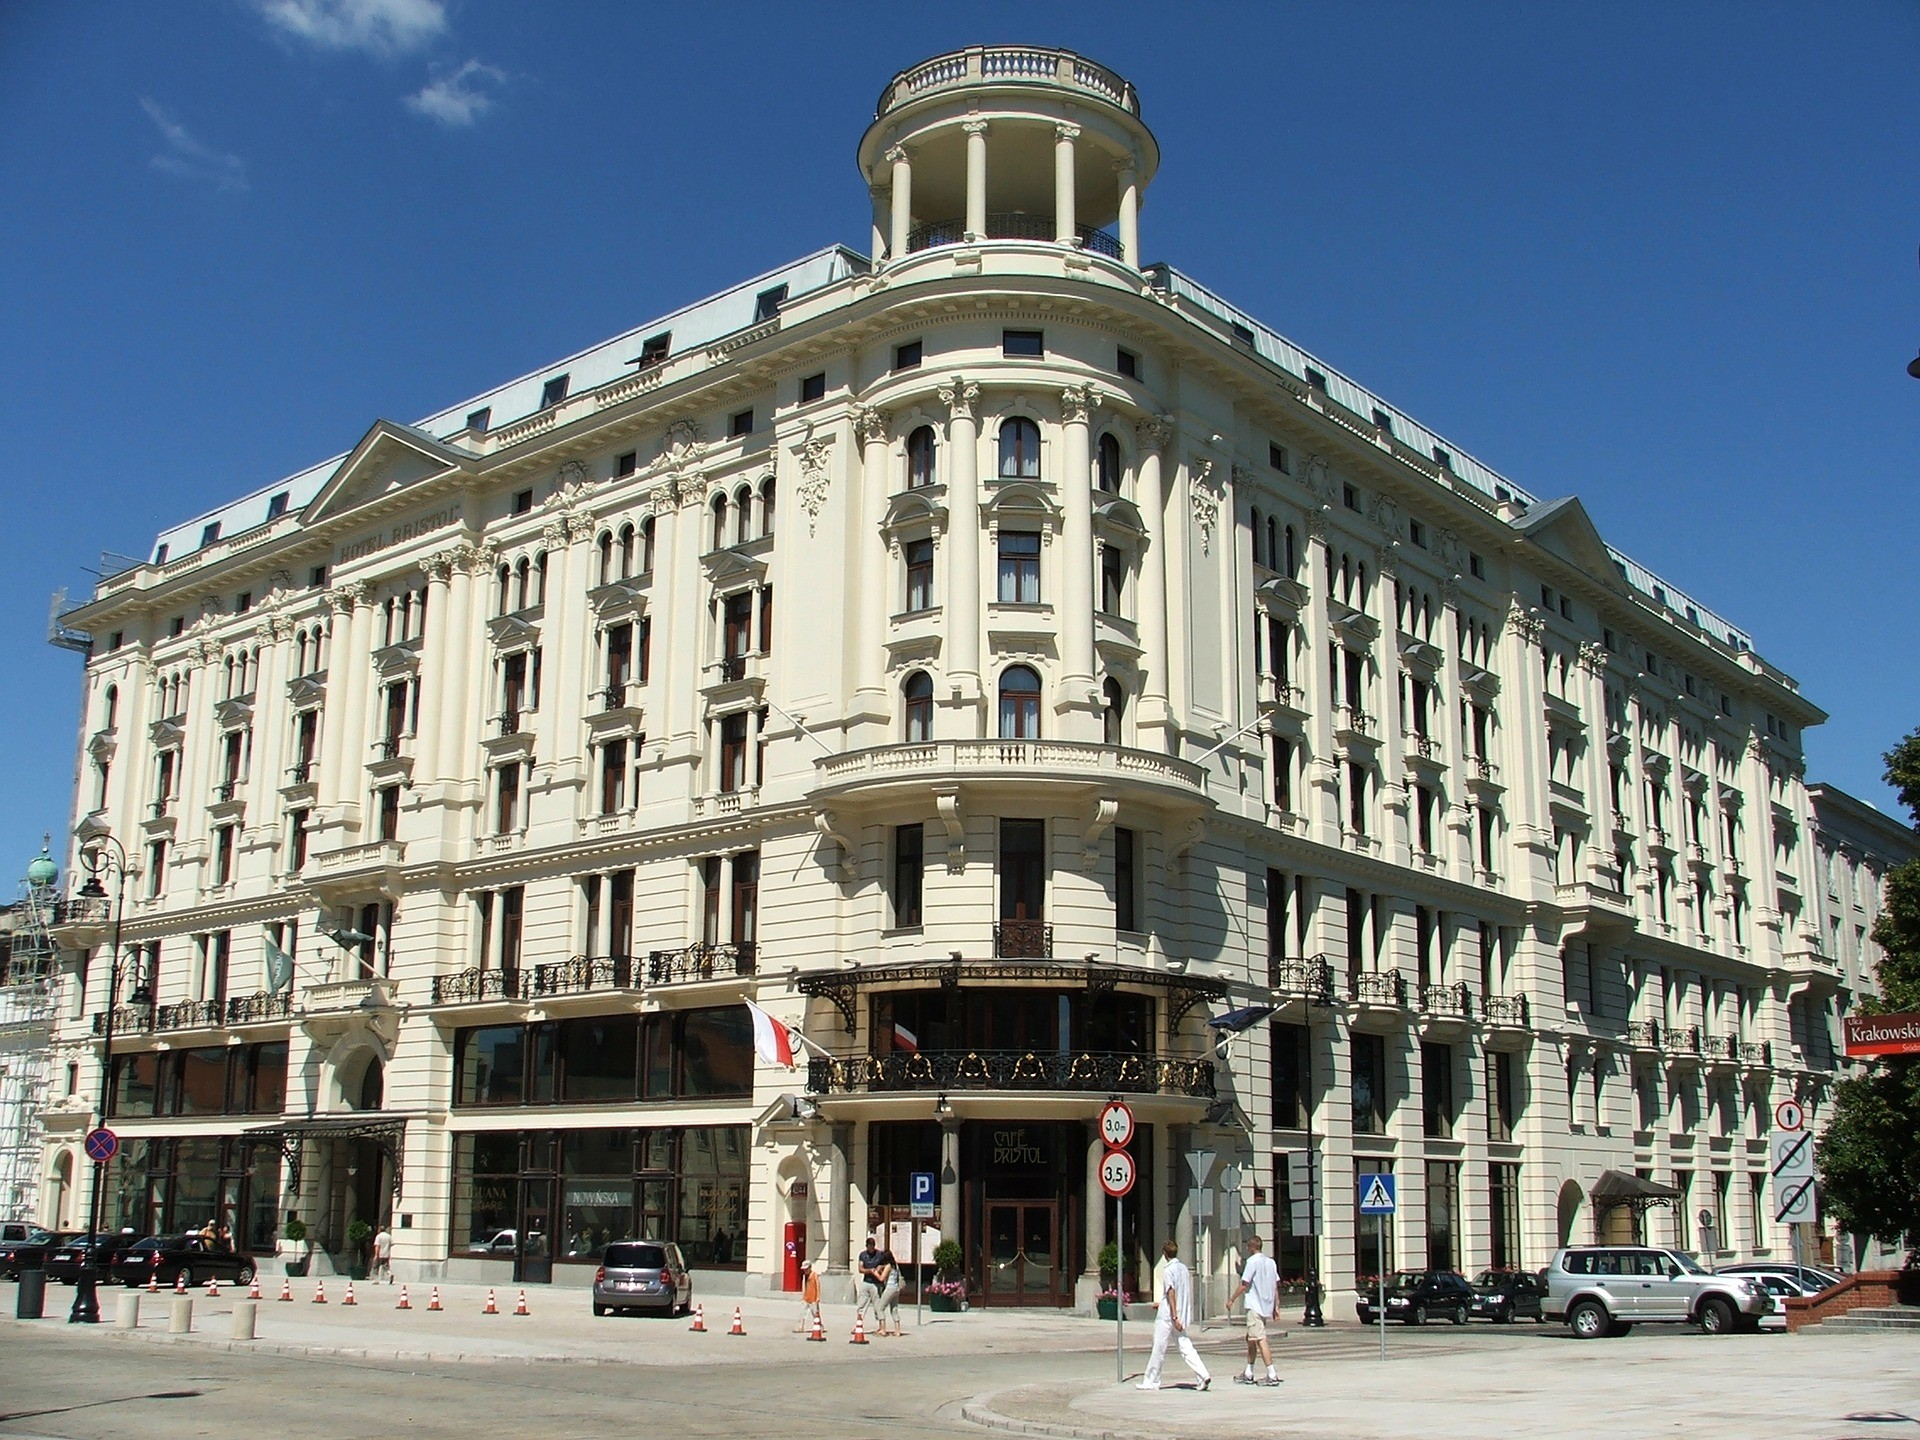 Hotel Bristol, Cracovia - Foto di Wawaleszek